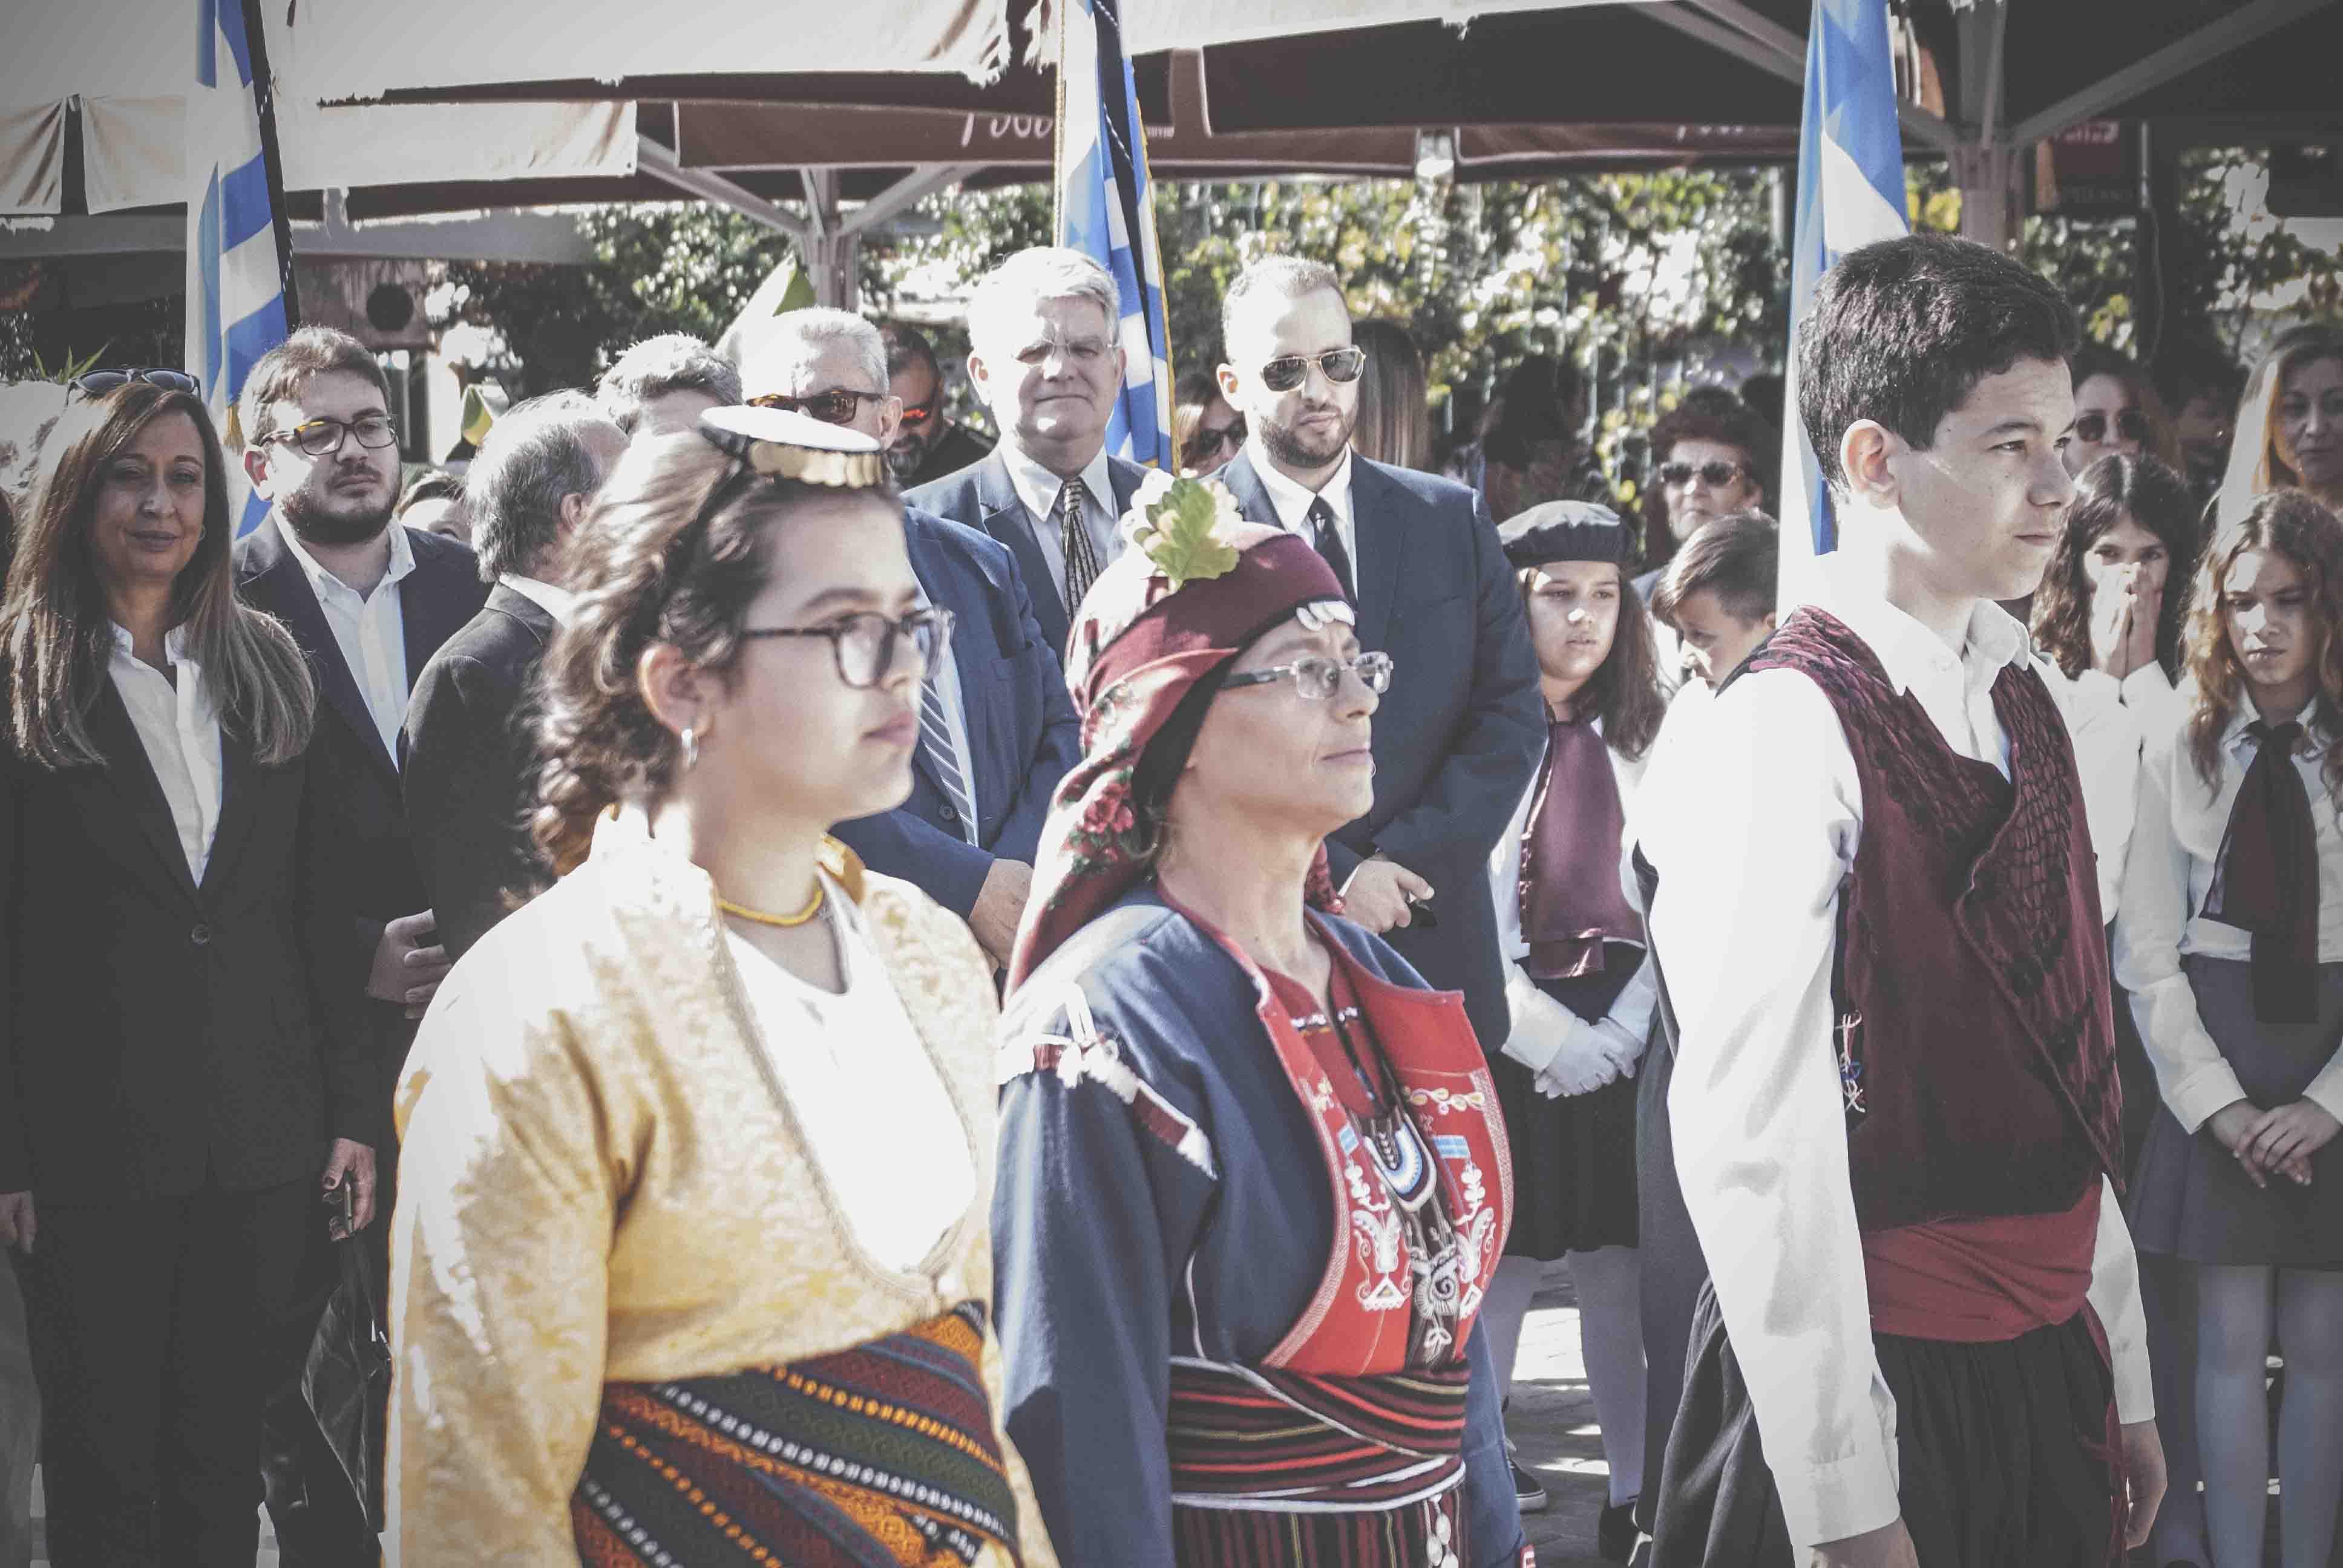 Η παρέλαση της 28ης Οκτωβρίου σε Καστέλλα και Ψαχνά (φωτό) DSC 0289